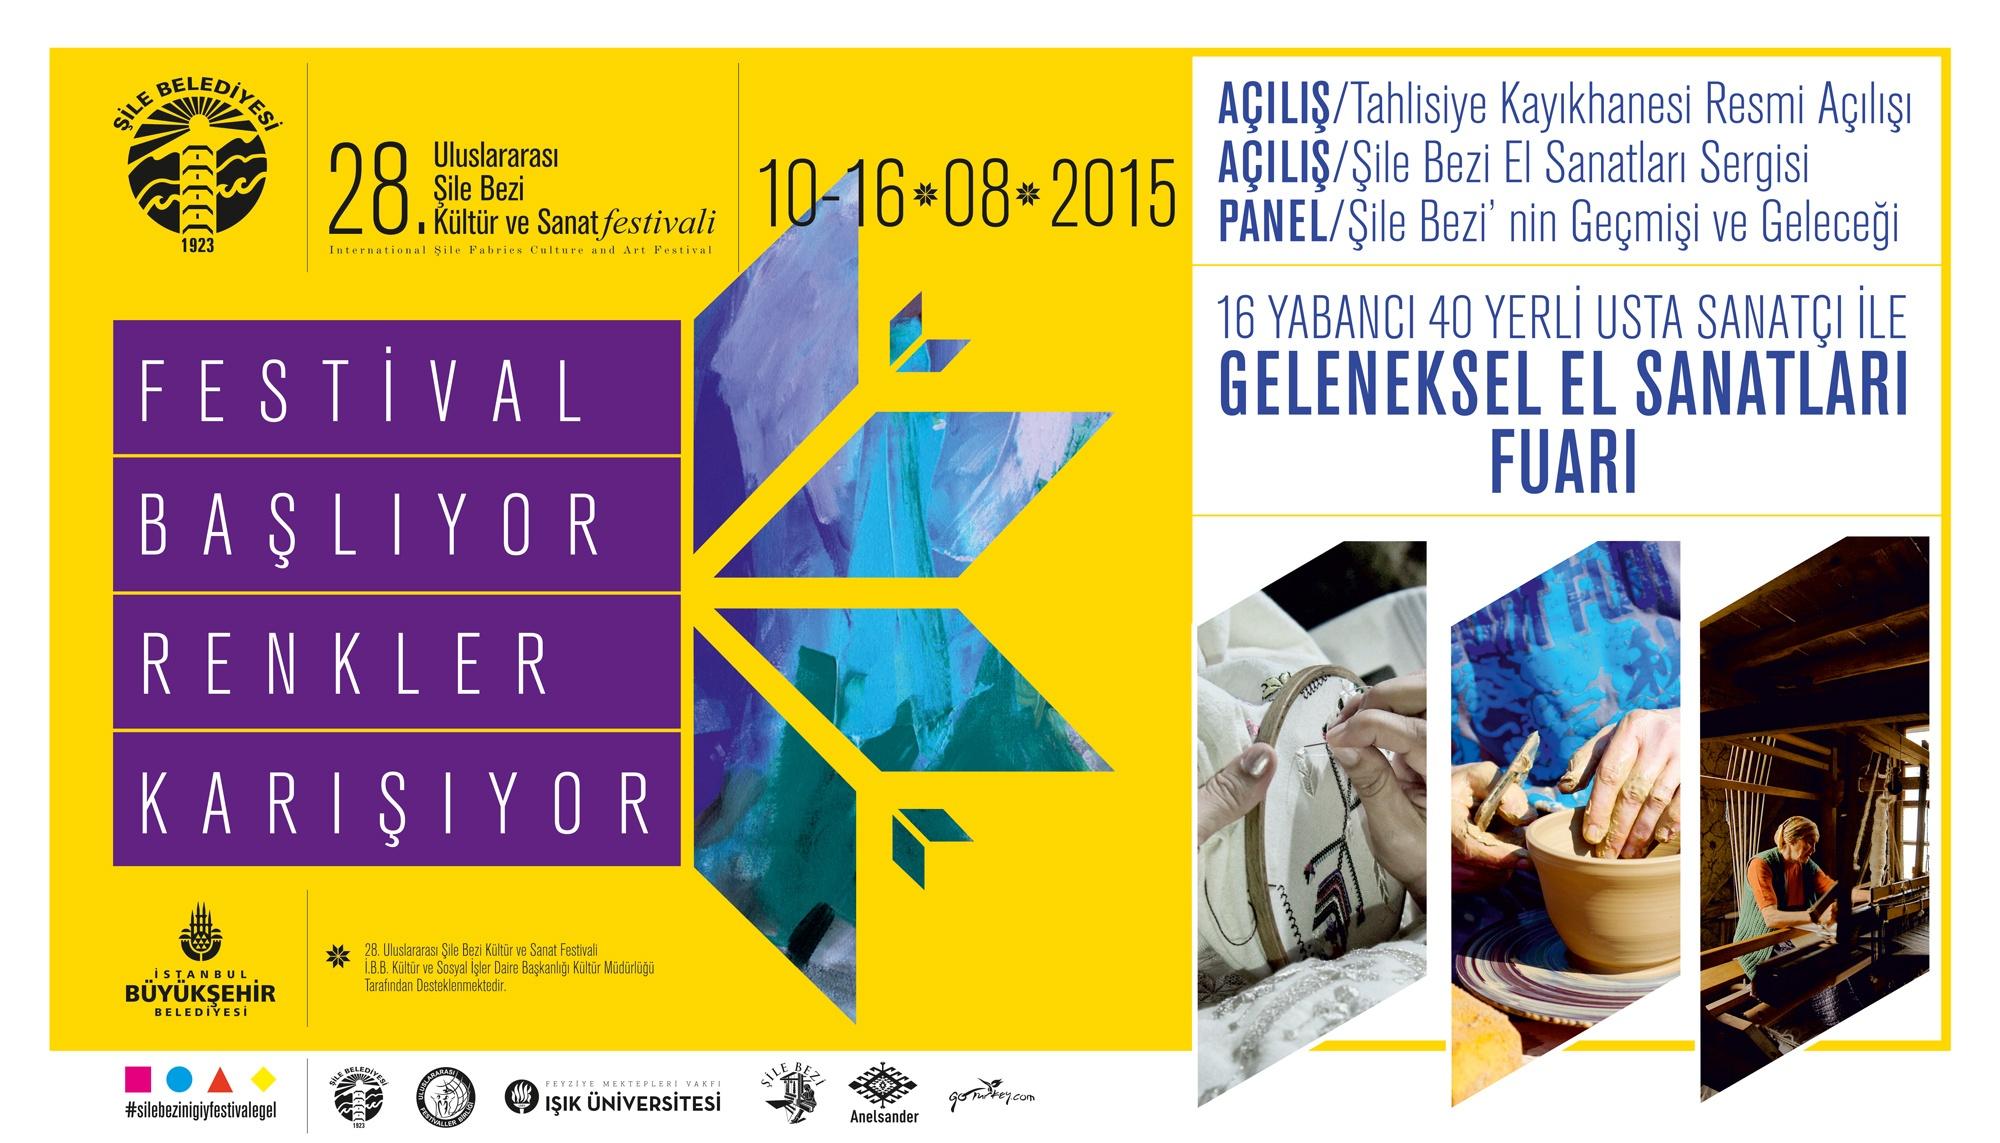 28.Uluslararası Şile Bezi Kültür ve Sanat Festivali